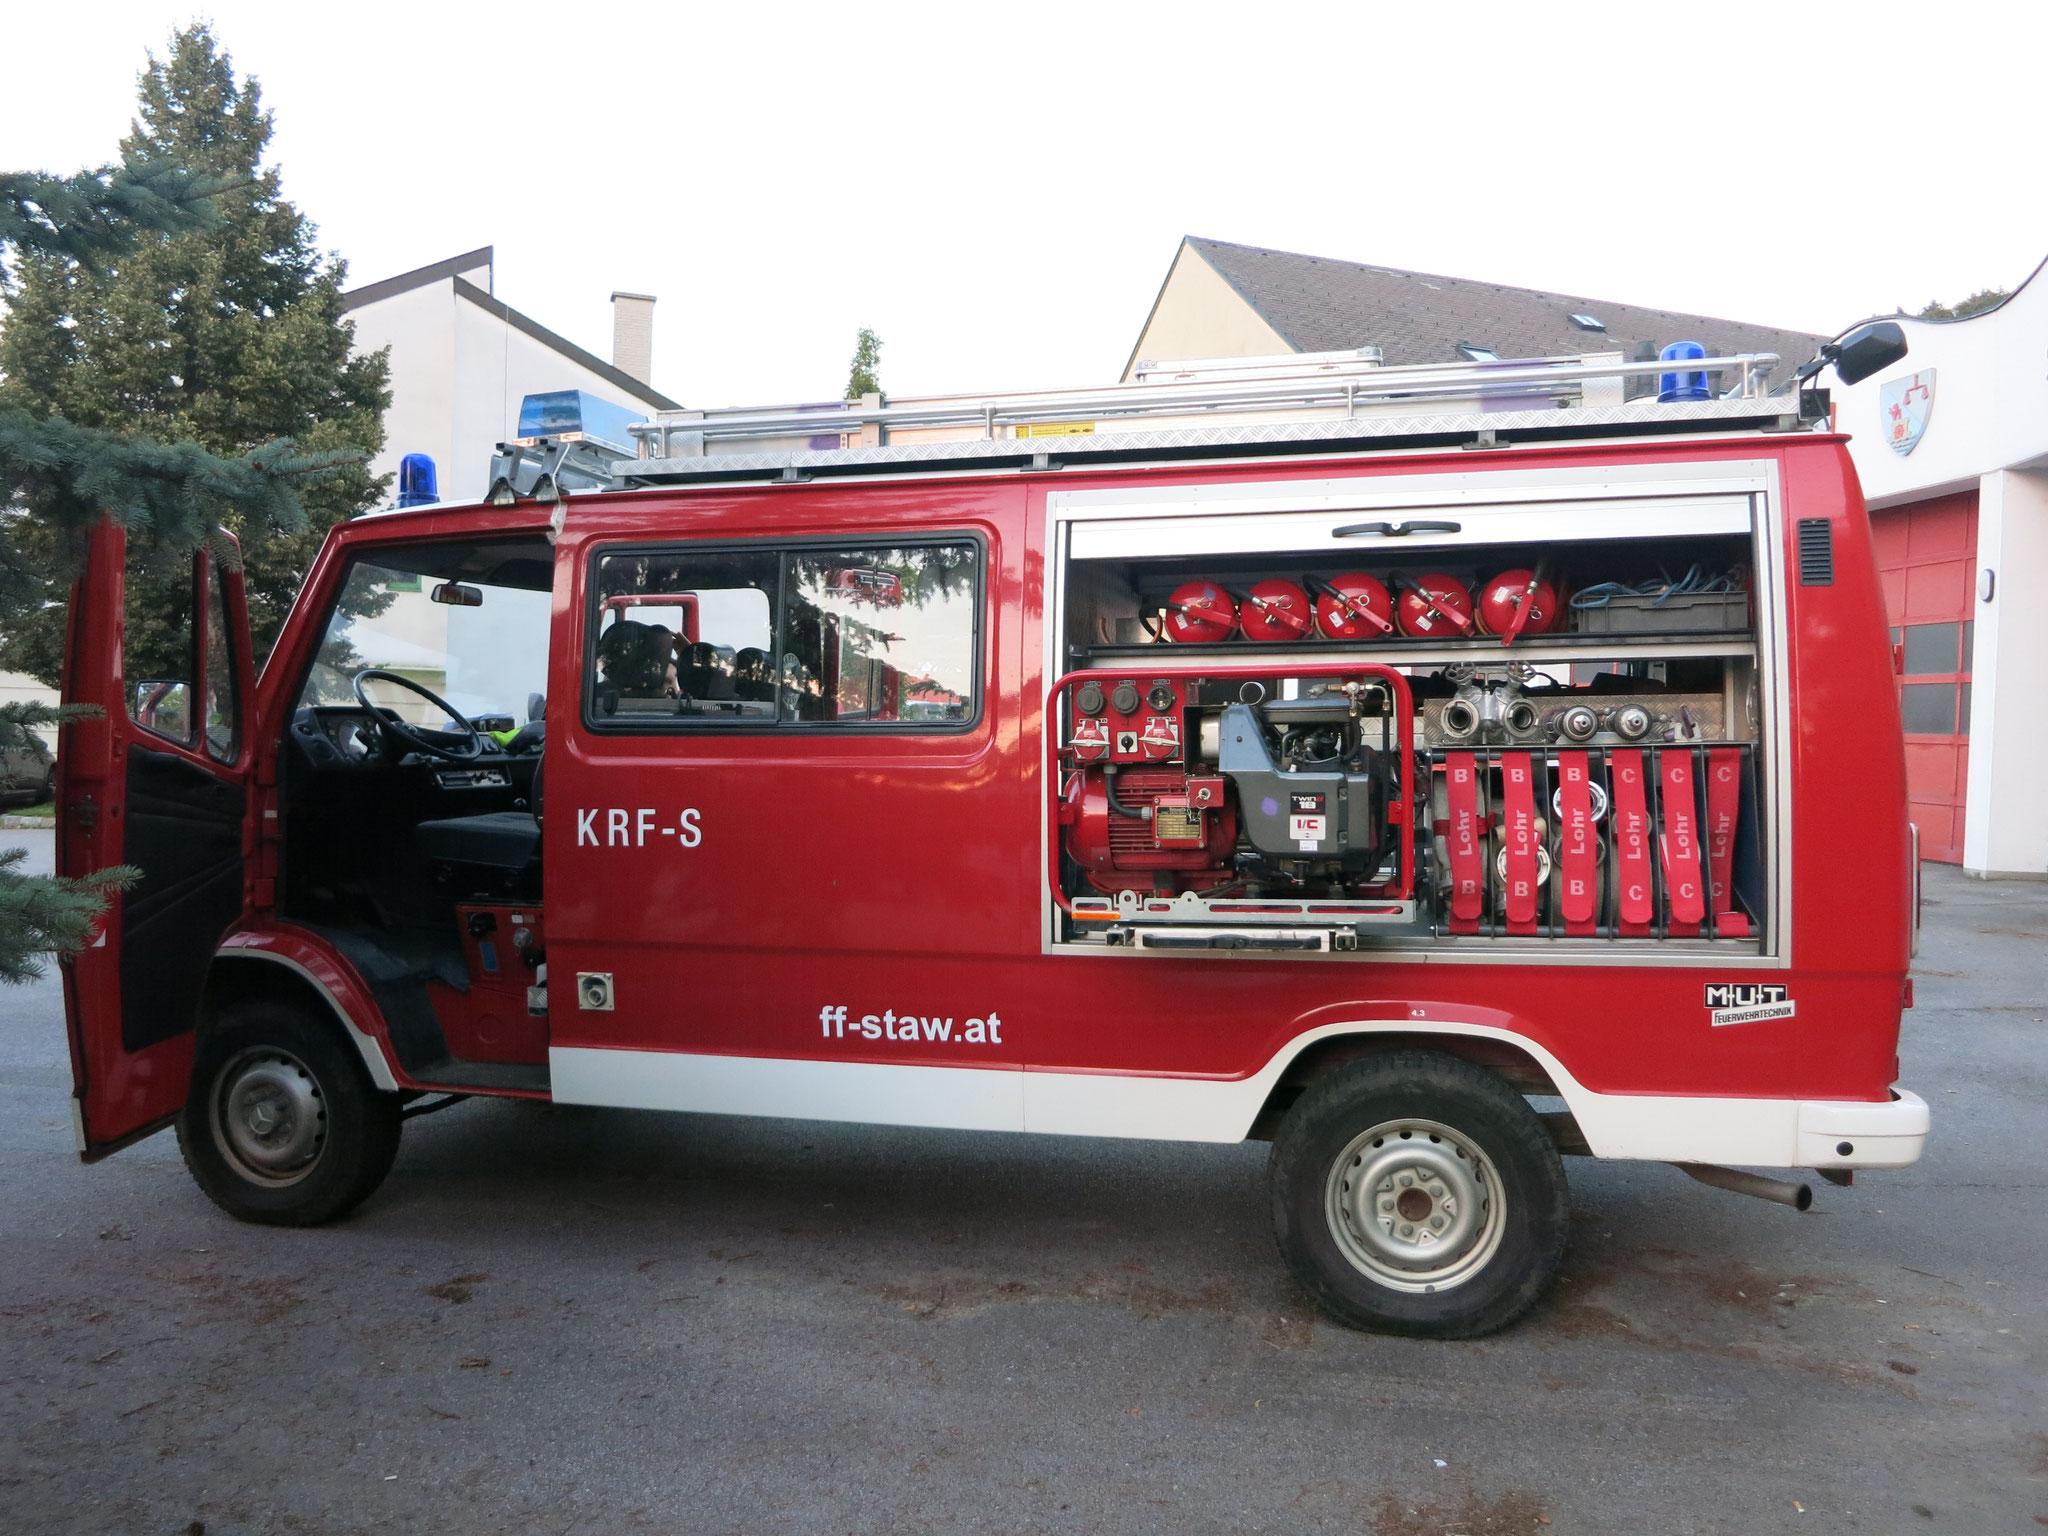 """Das """"Feuerwehr"""" Innenleben wird bis auf wenige Dinge von der FW entnommen"""